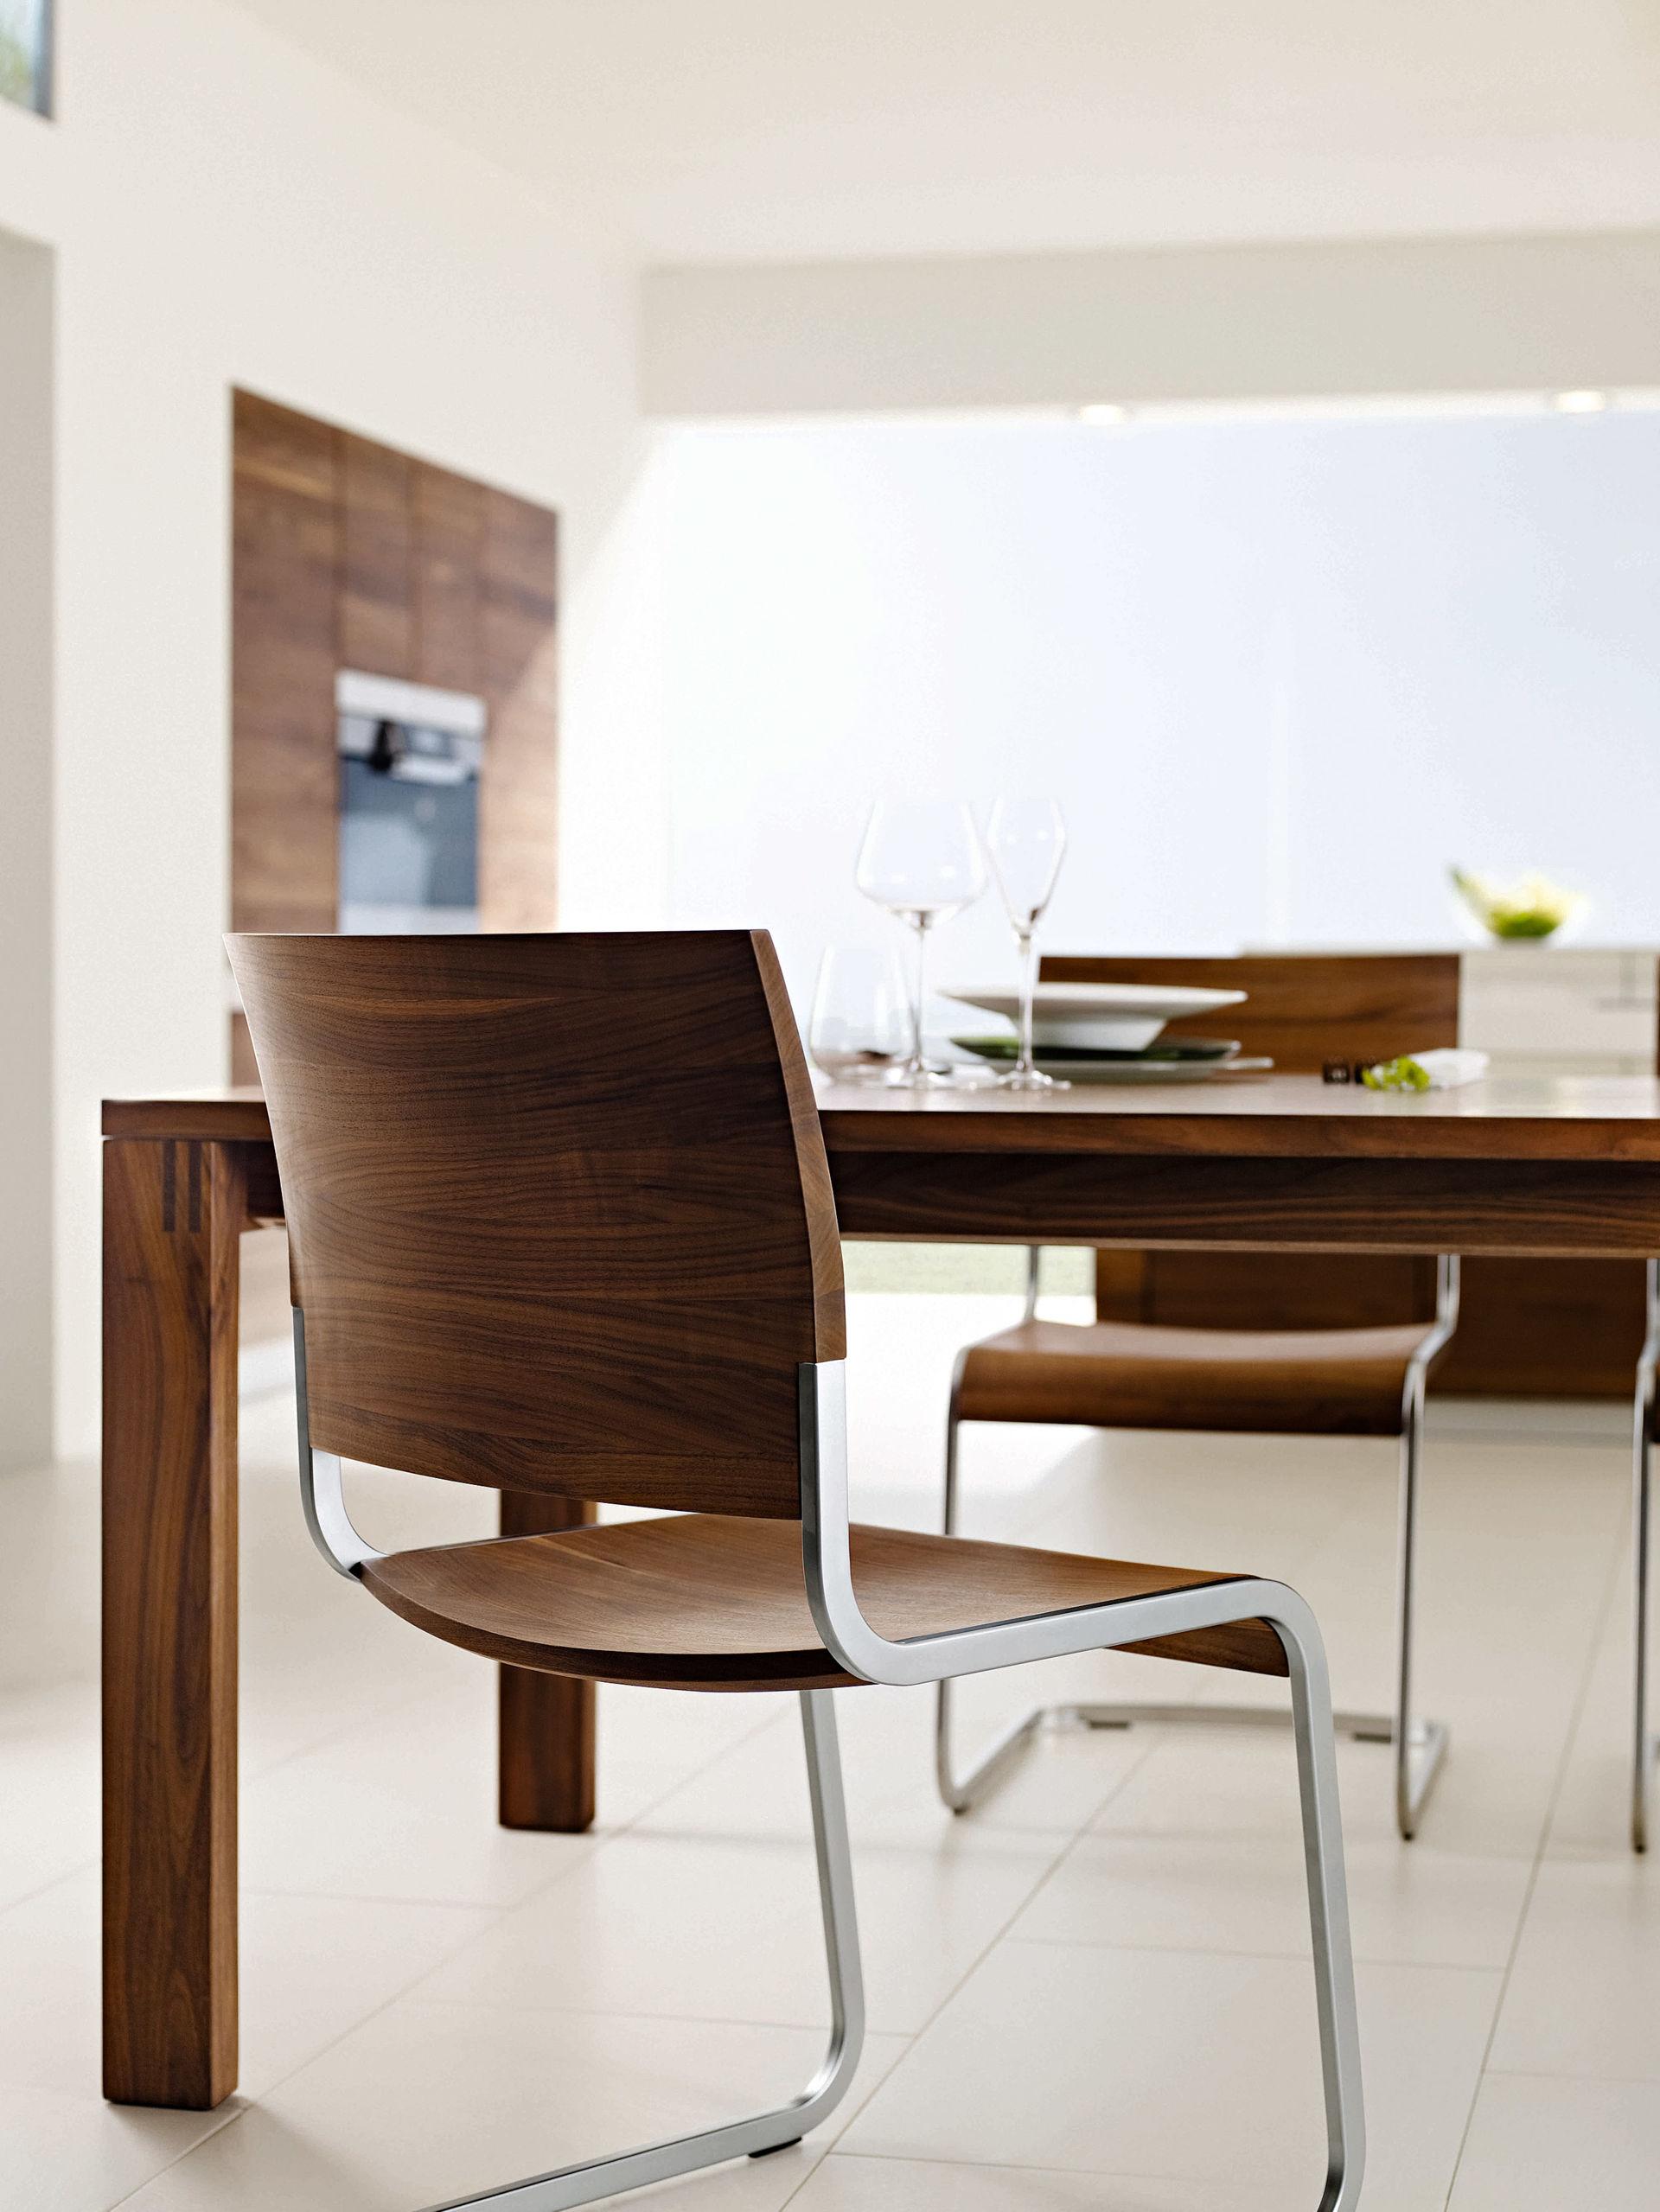 möbel aus massivem holz | zuhause wohnen, Möbel